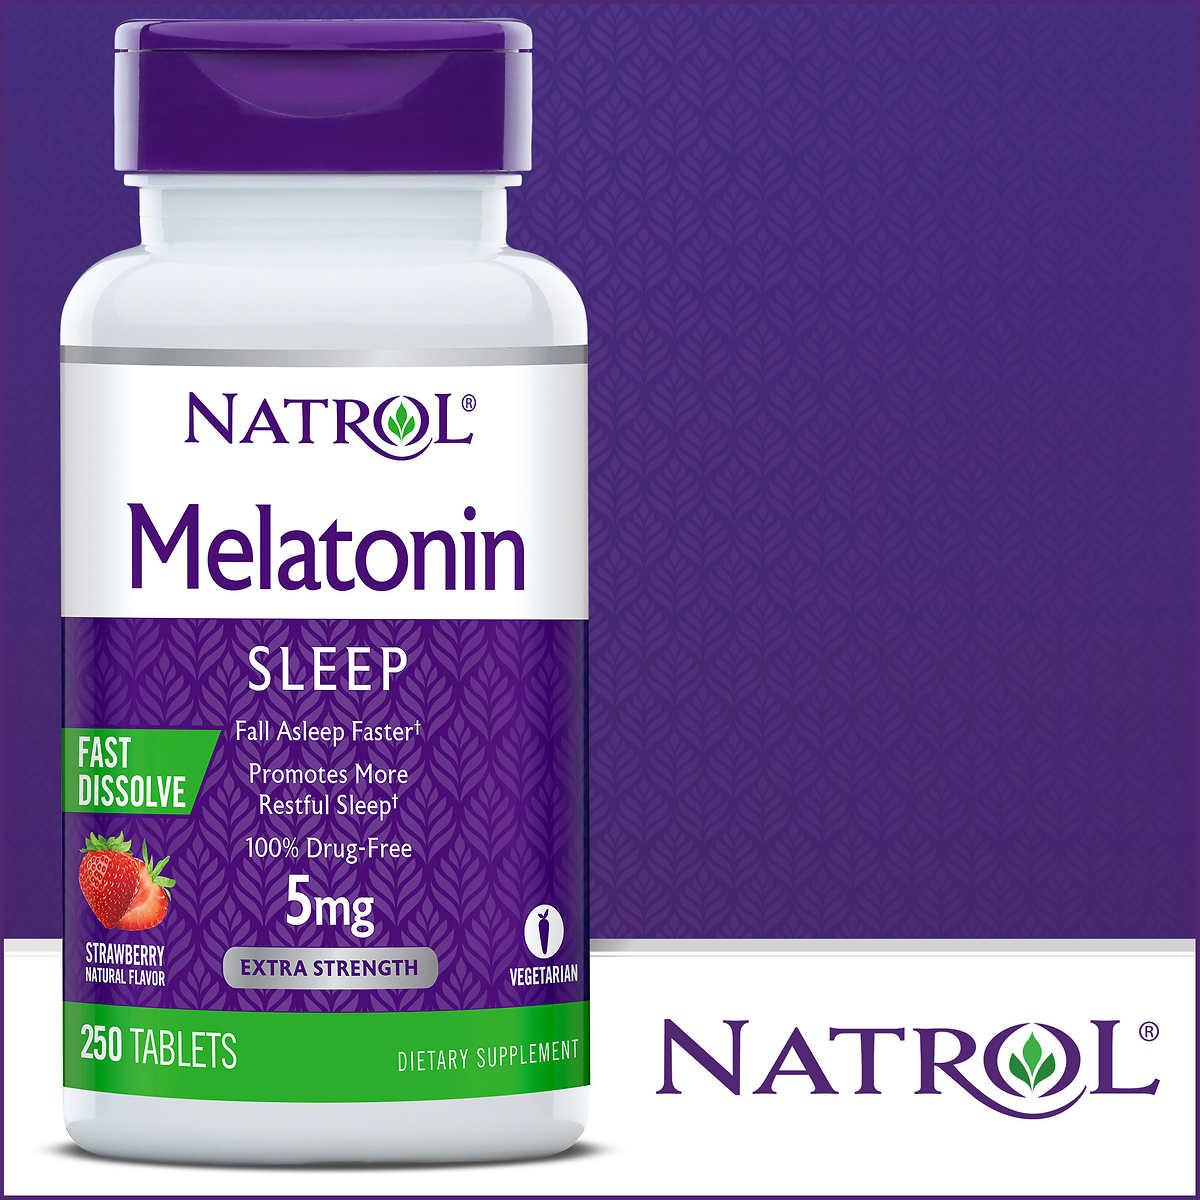 اسم دواء منوم للكبار سريع المفعول والاثار الجانبية للحبوب المنومة